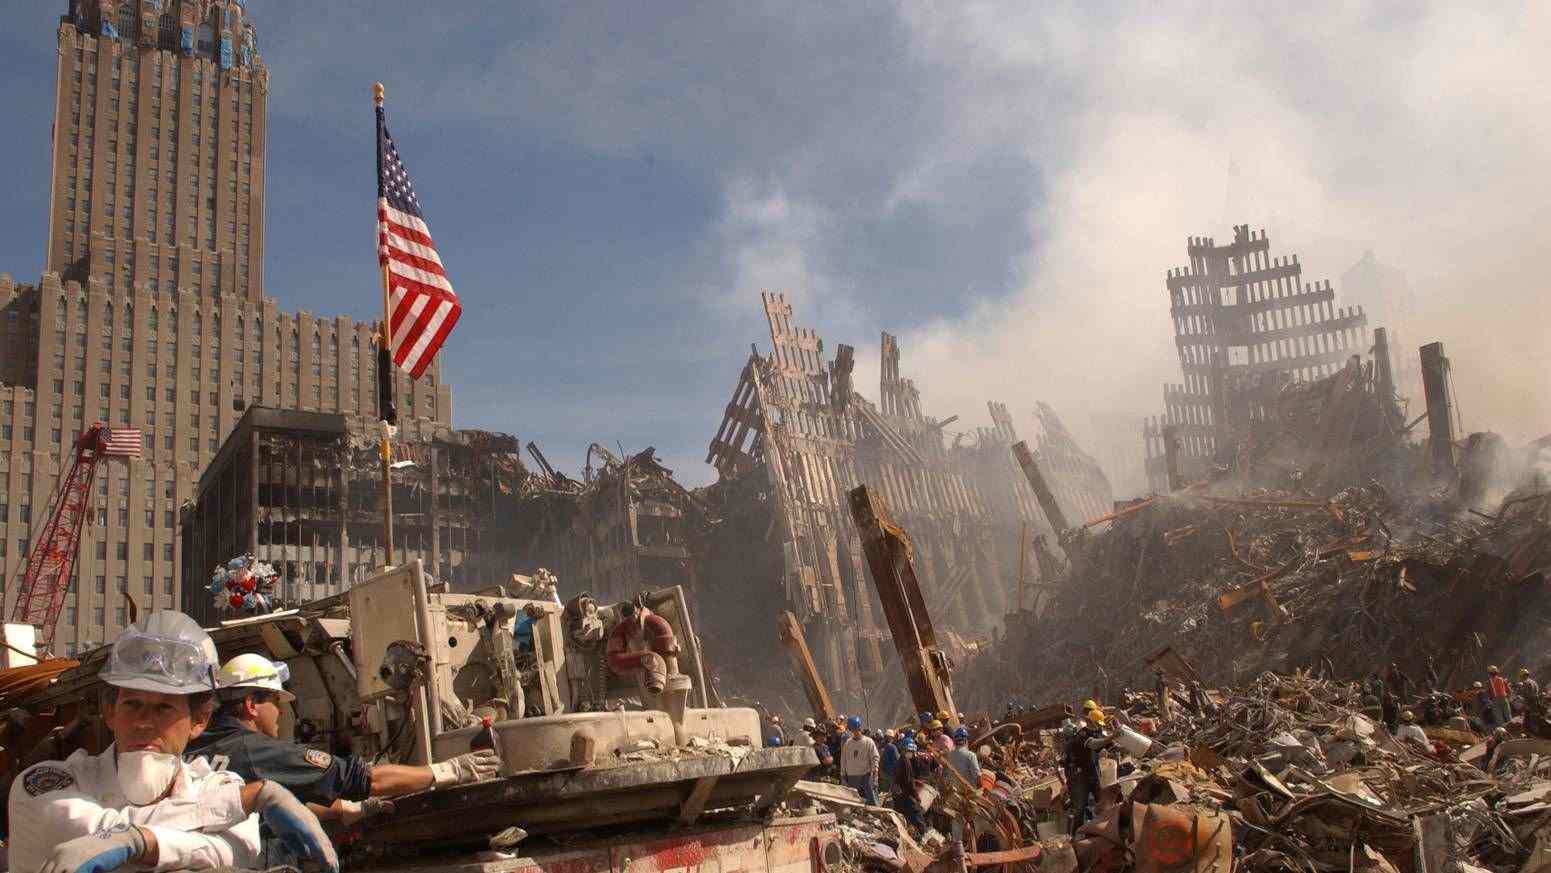 Размахвайки юмруци, Америка се движи към катастрофа